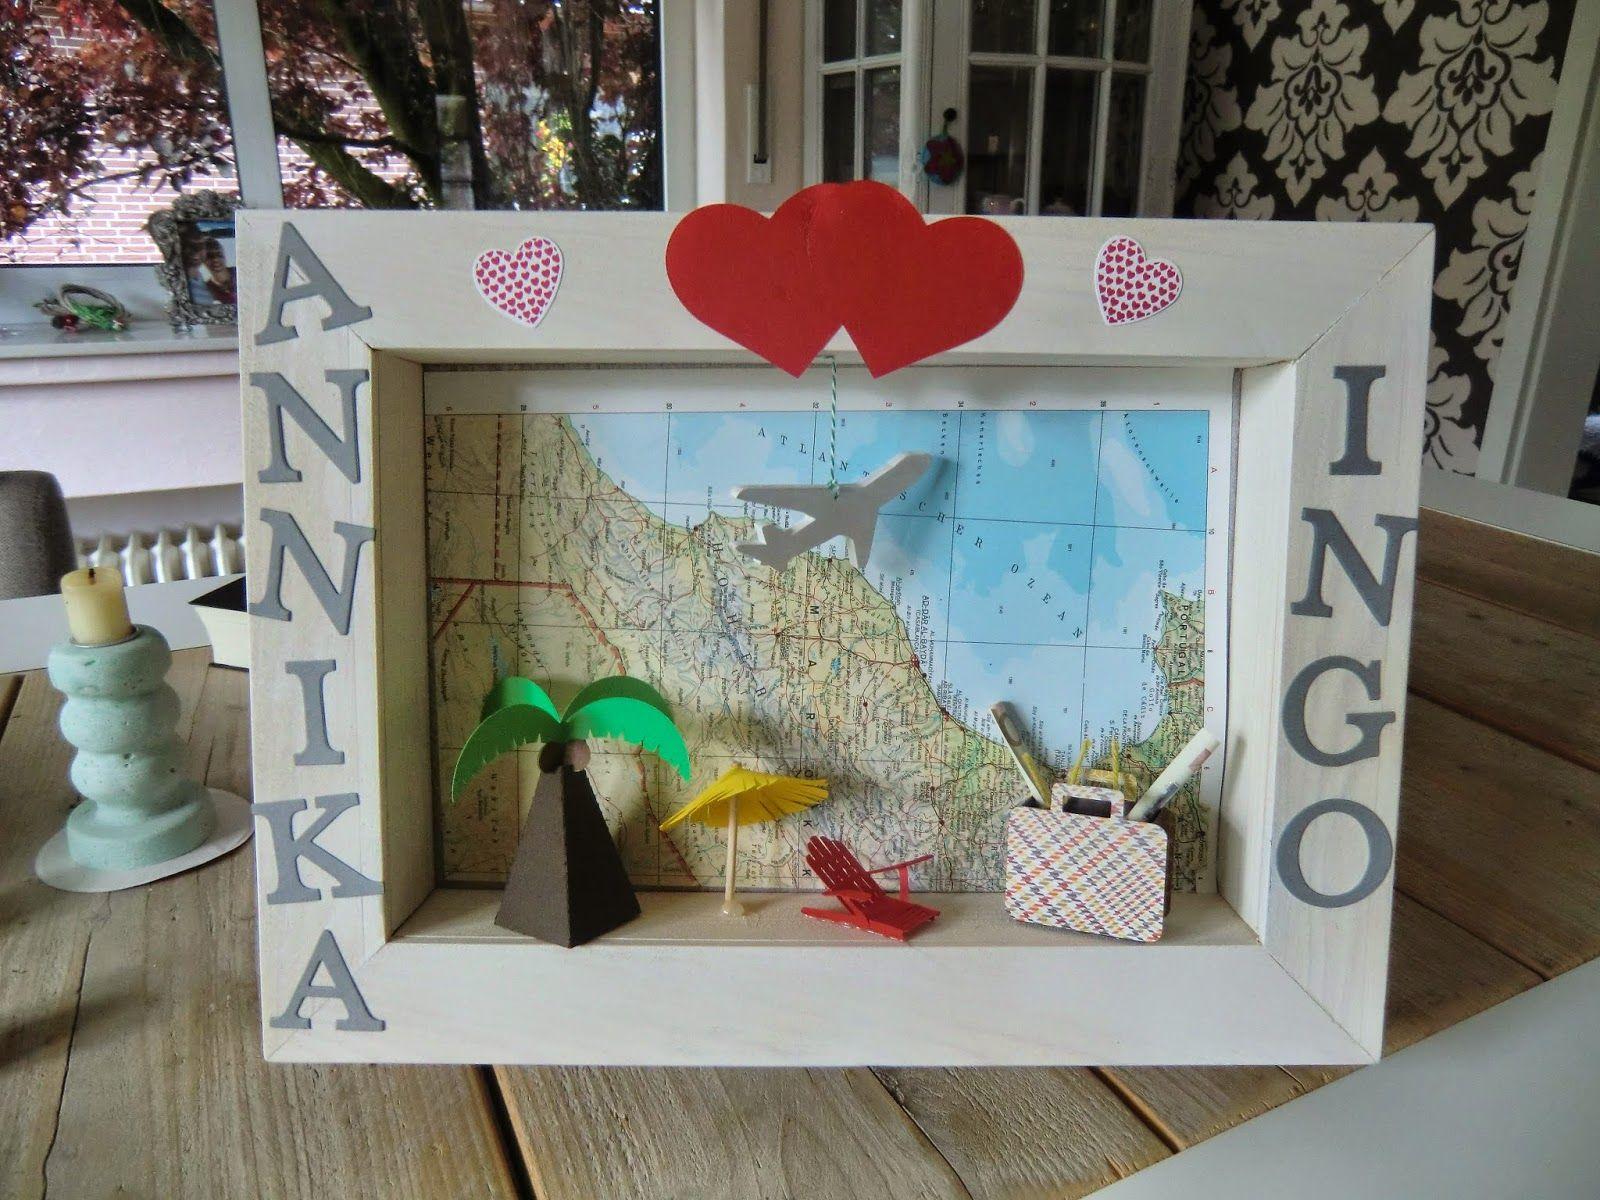 Geldgeschenk zur Hochzeit | Nico | Pinterest | Scrapbook frames ...